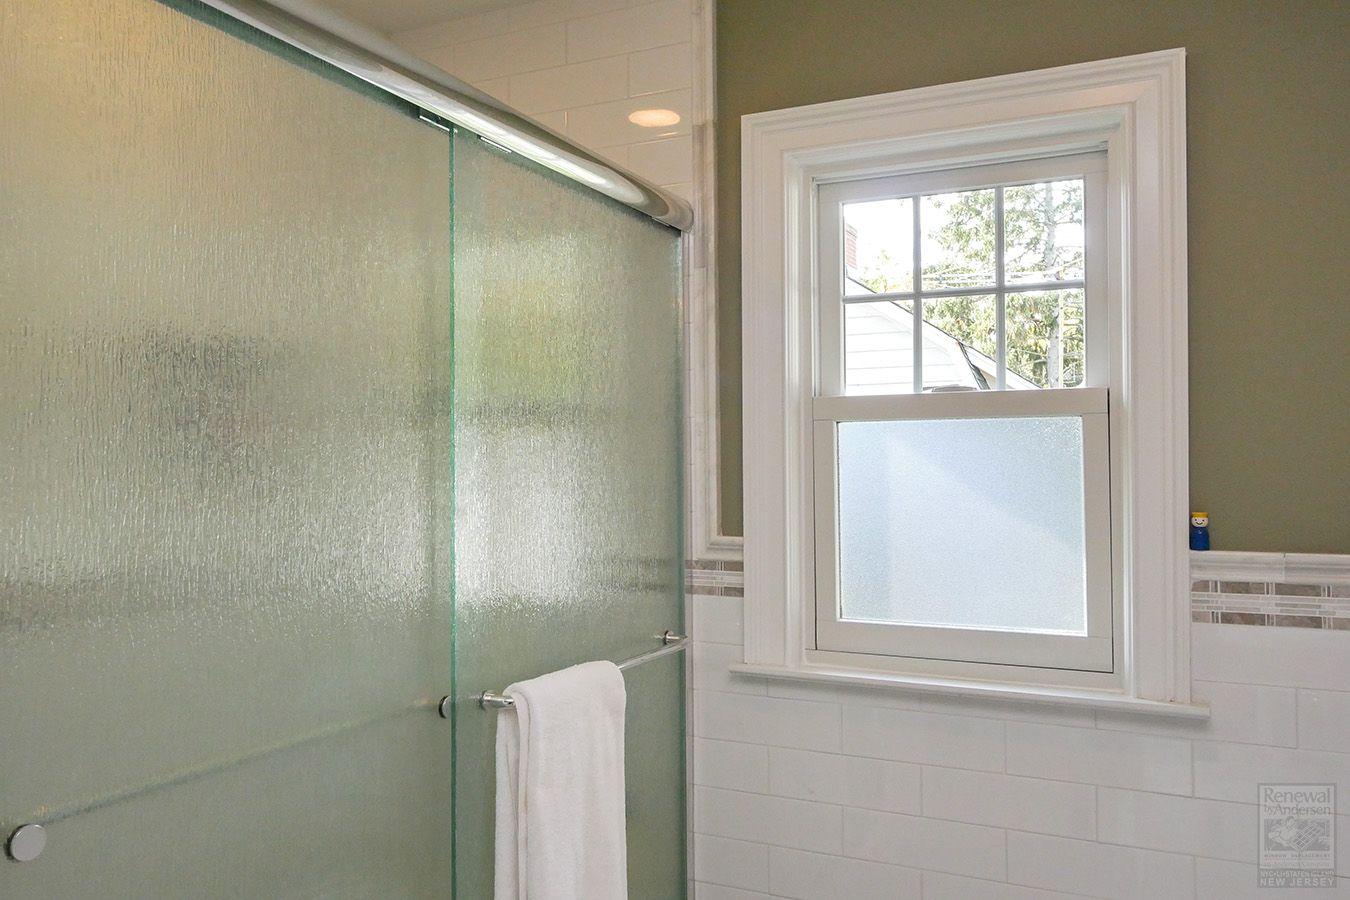 Sleek Bathroom With New Double Hung Window Renewal By Andersen In 2020 Sleek Bathroom Double Hung Windows Double Hung